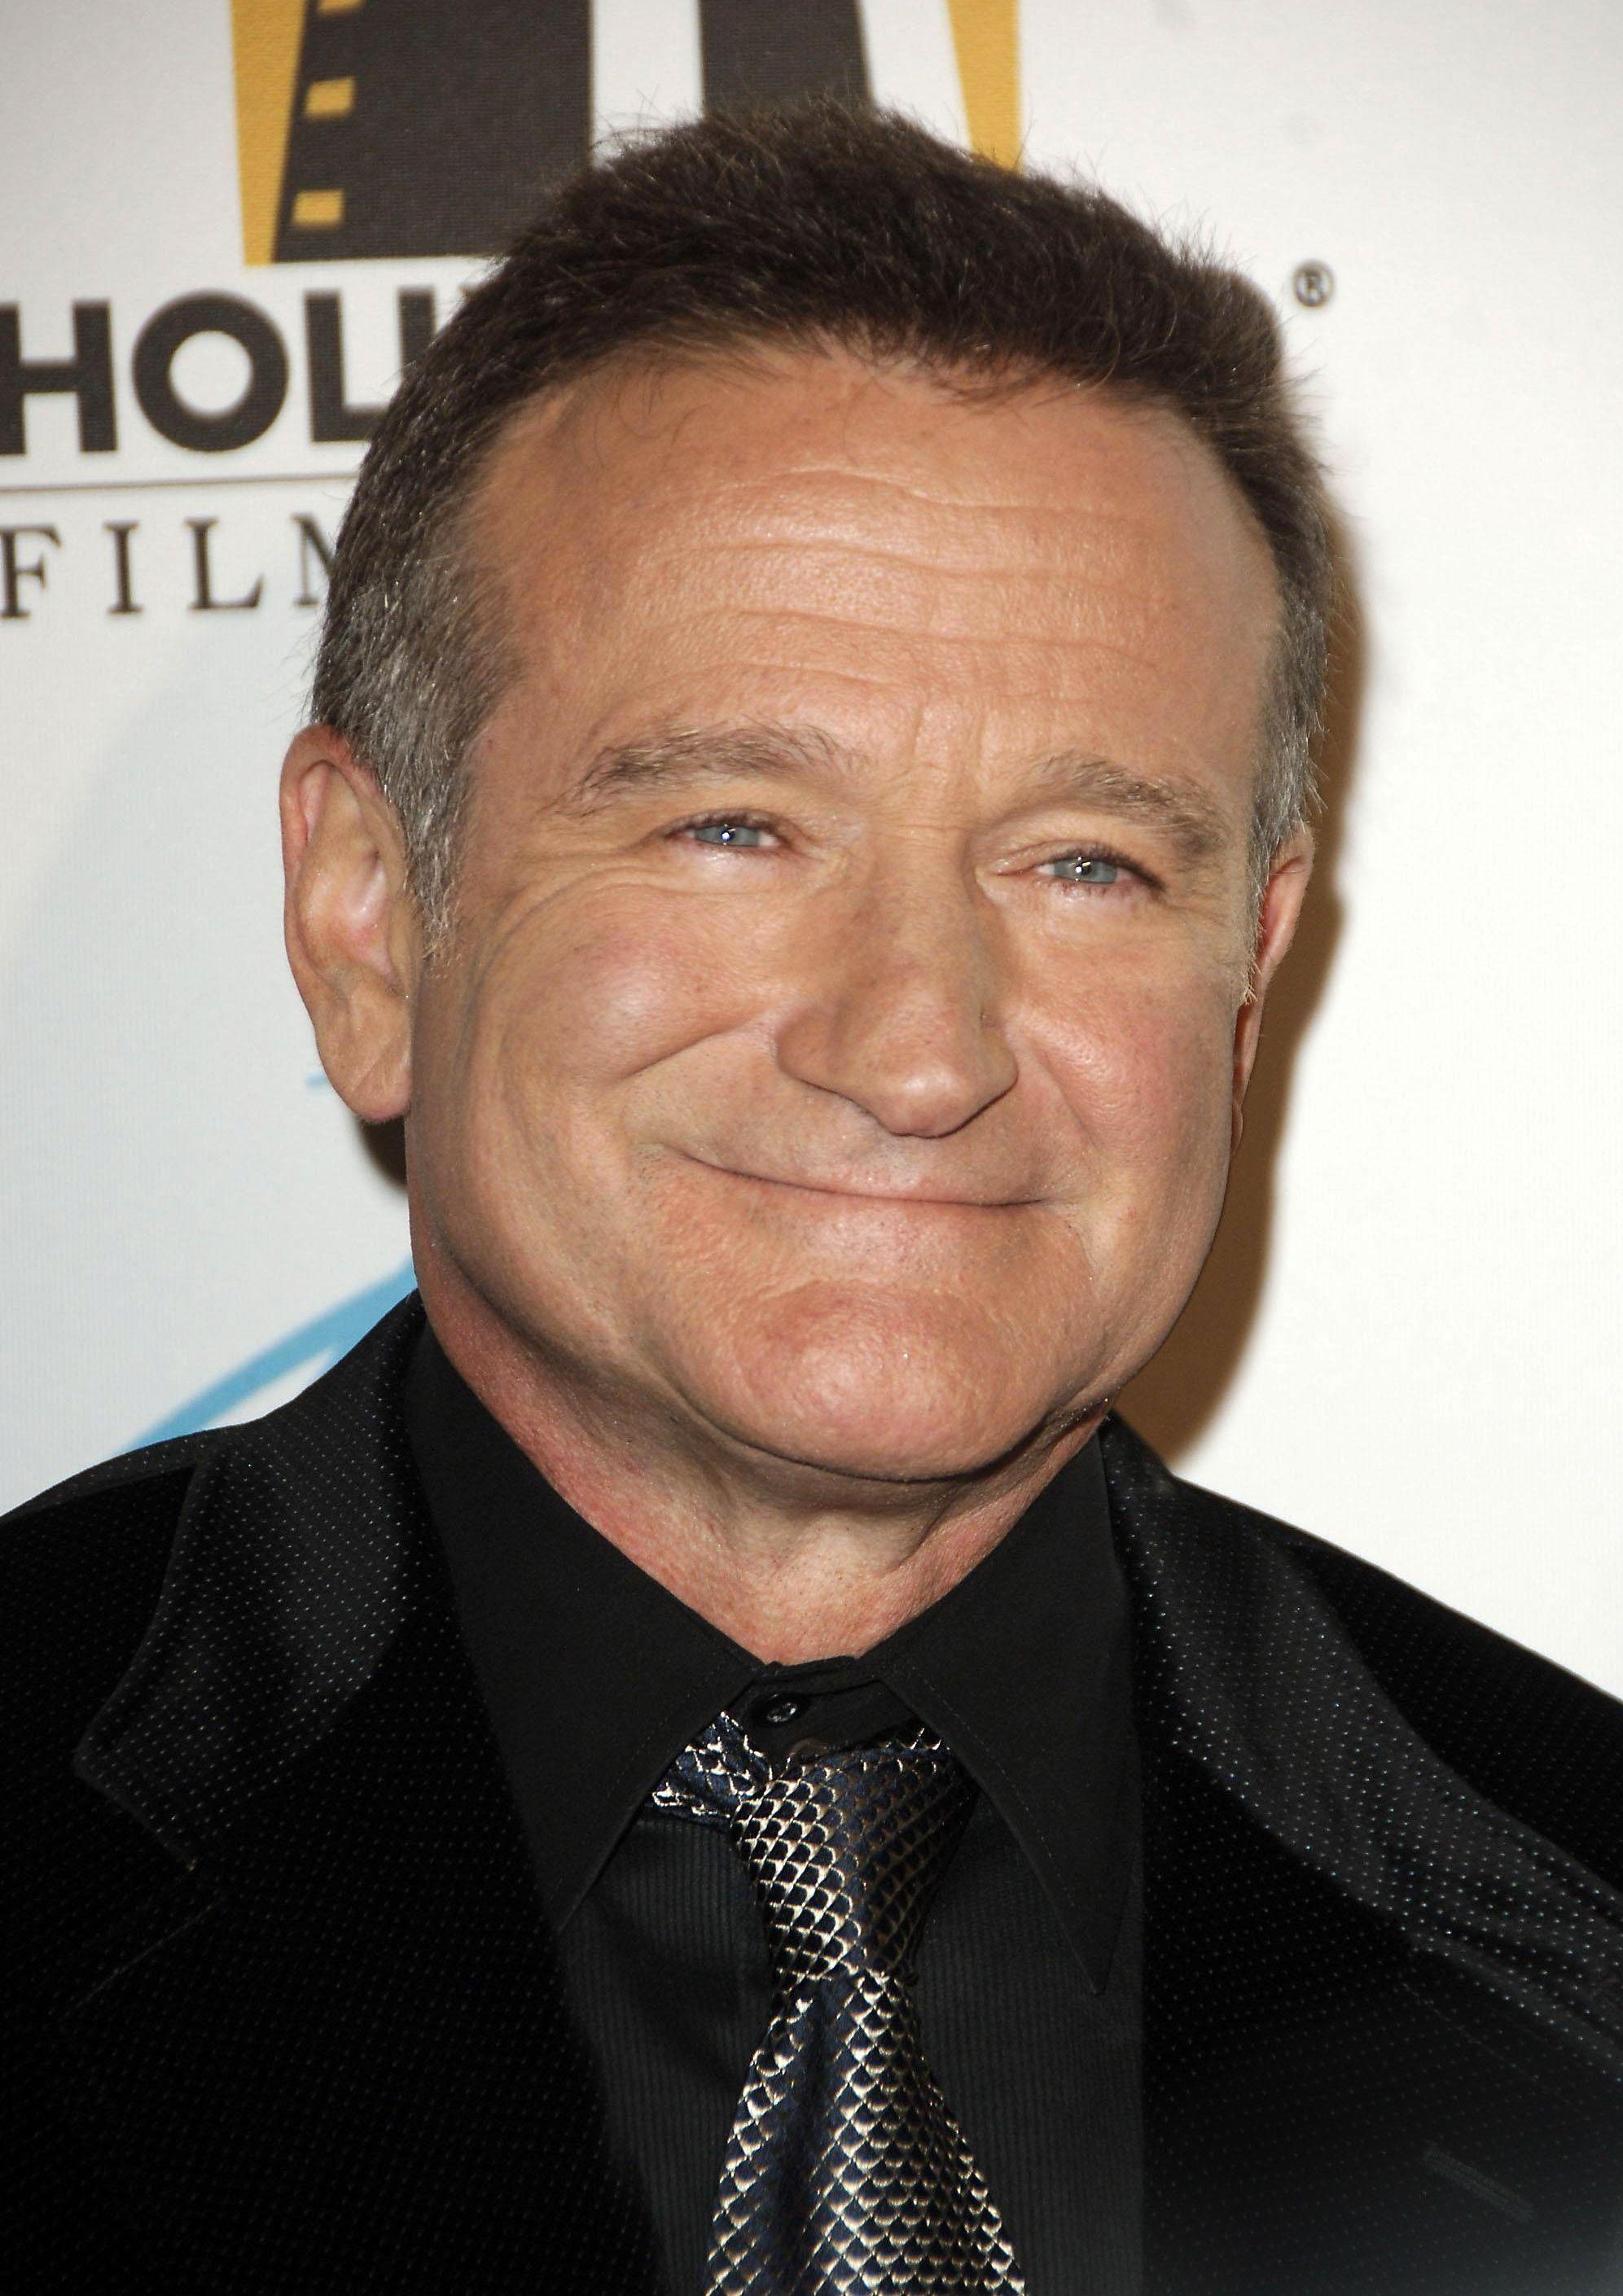 10. Robin Williams